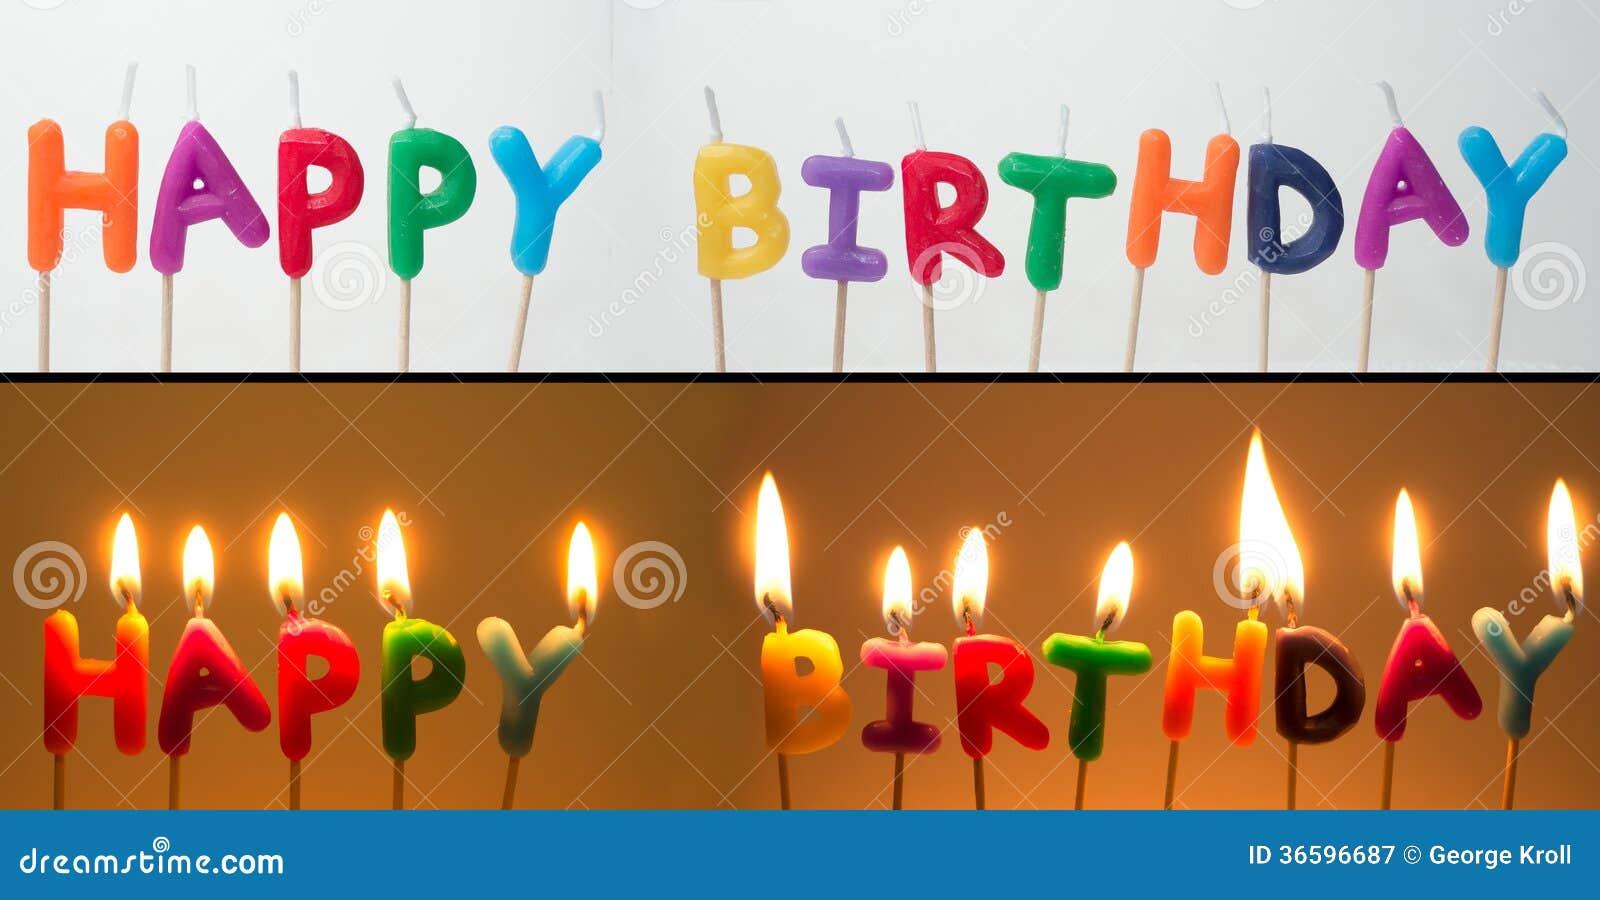 生日快乐蜡烛